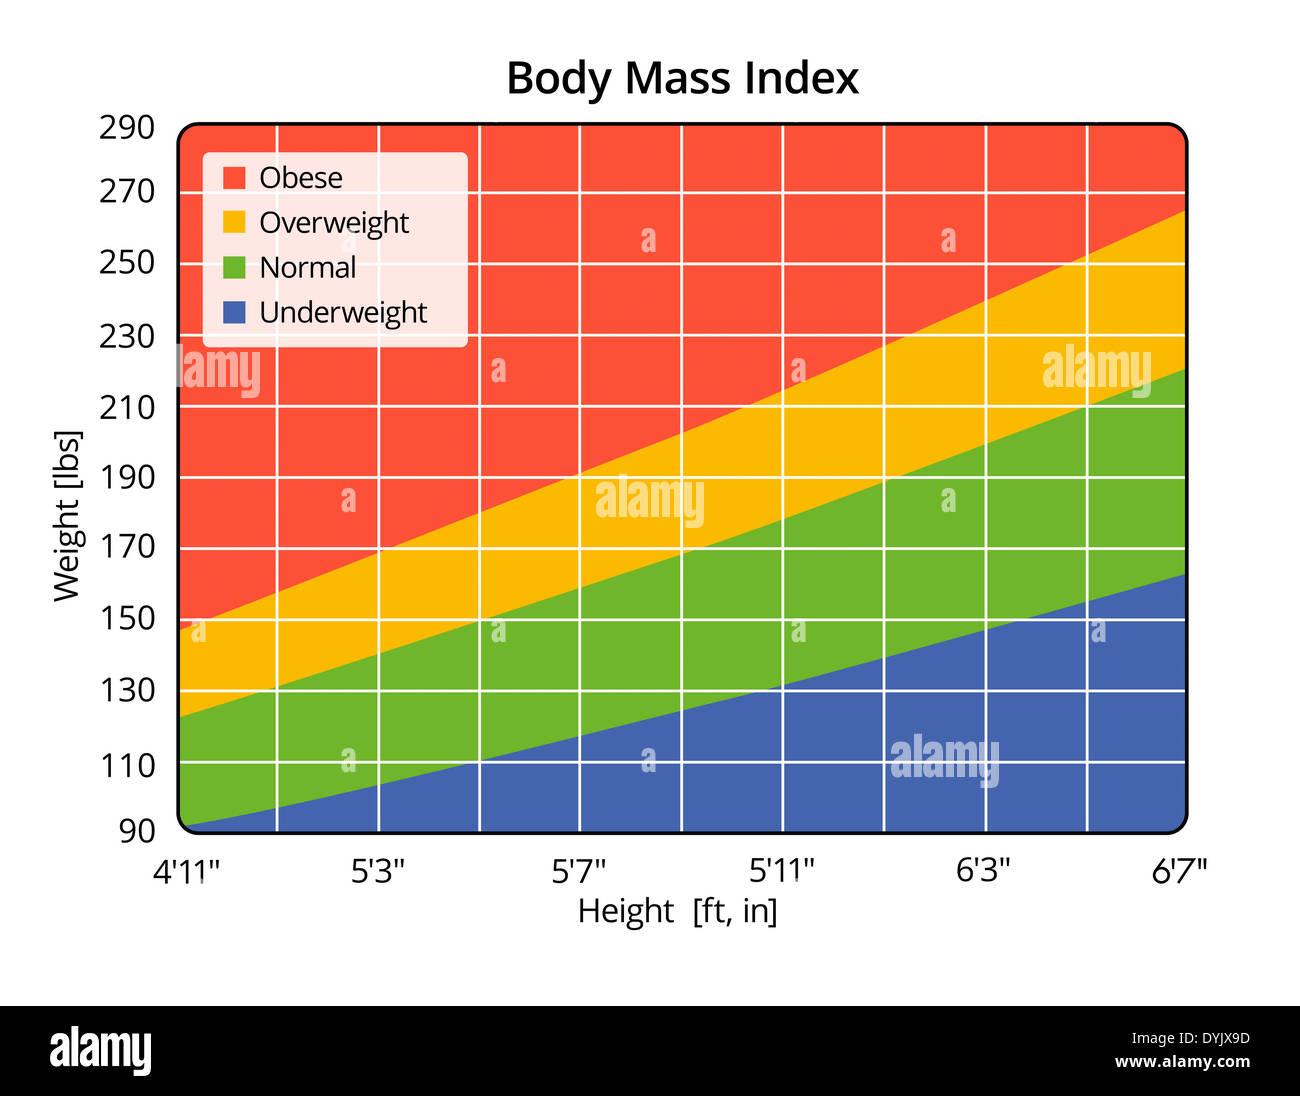 Bmi Chart Stock Photos Bmi Chart Stock Images Alamy